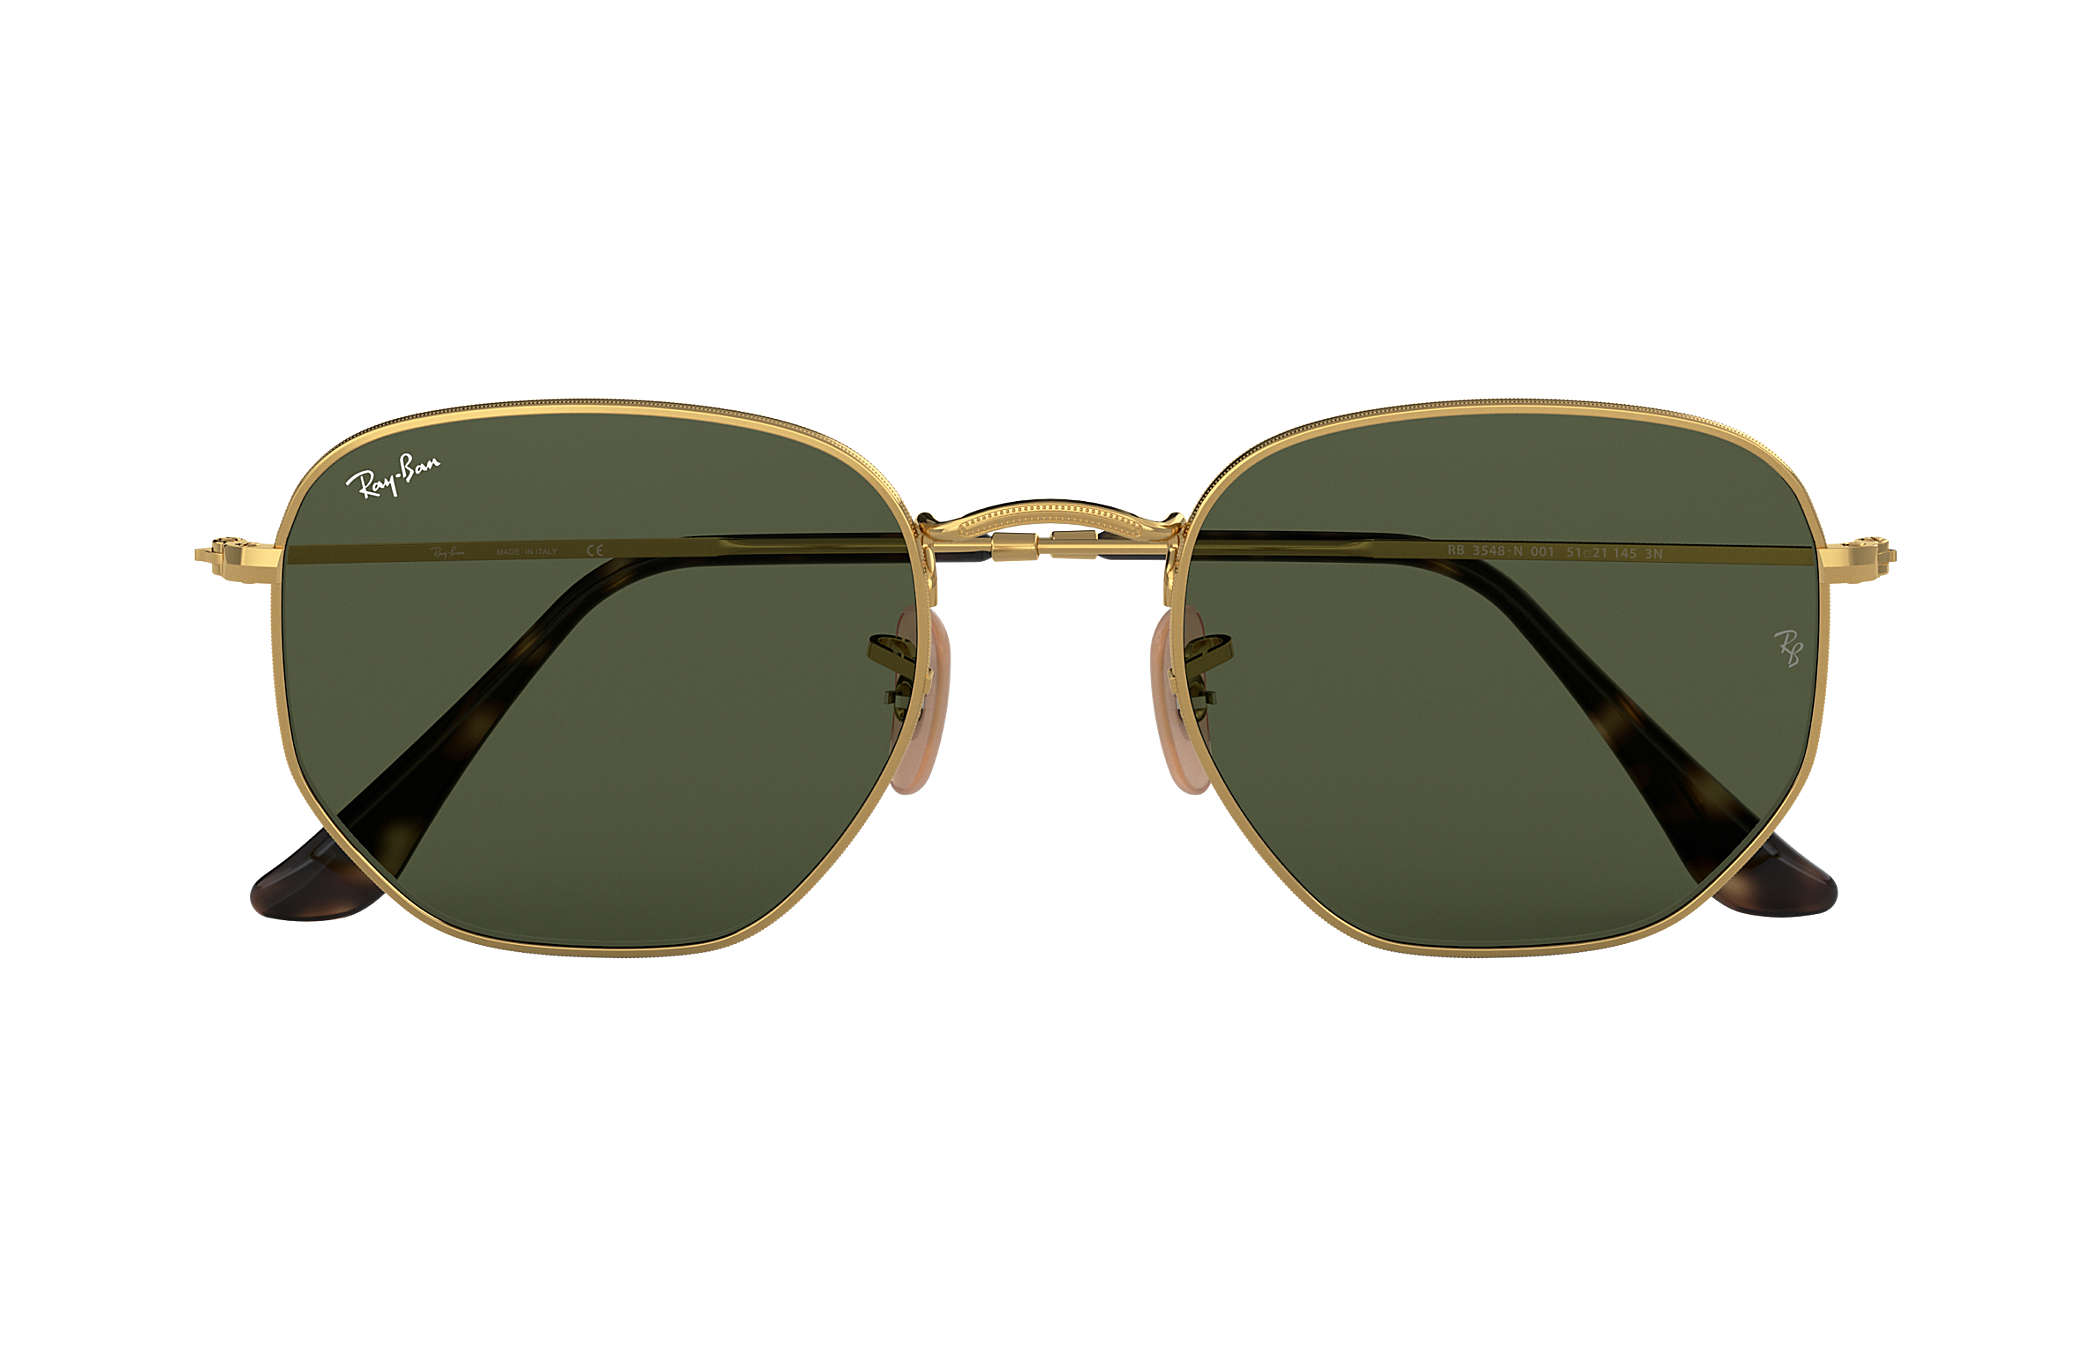 f405dc13796 ... buy ray ban 0rb3548n hexagonal flat lenses gold sun 81137 d5dba